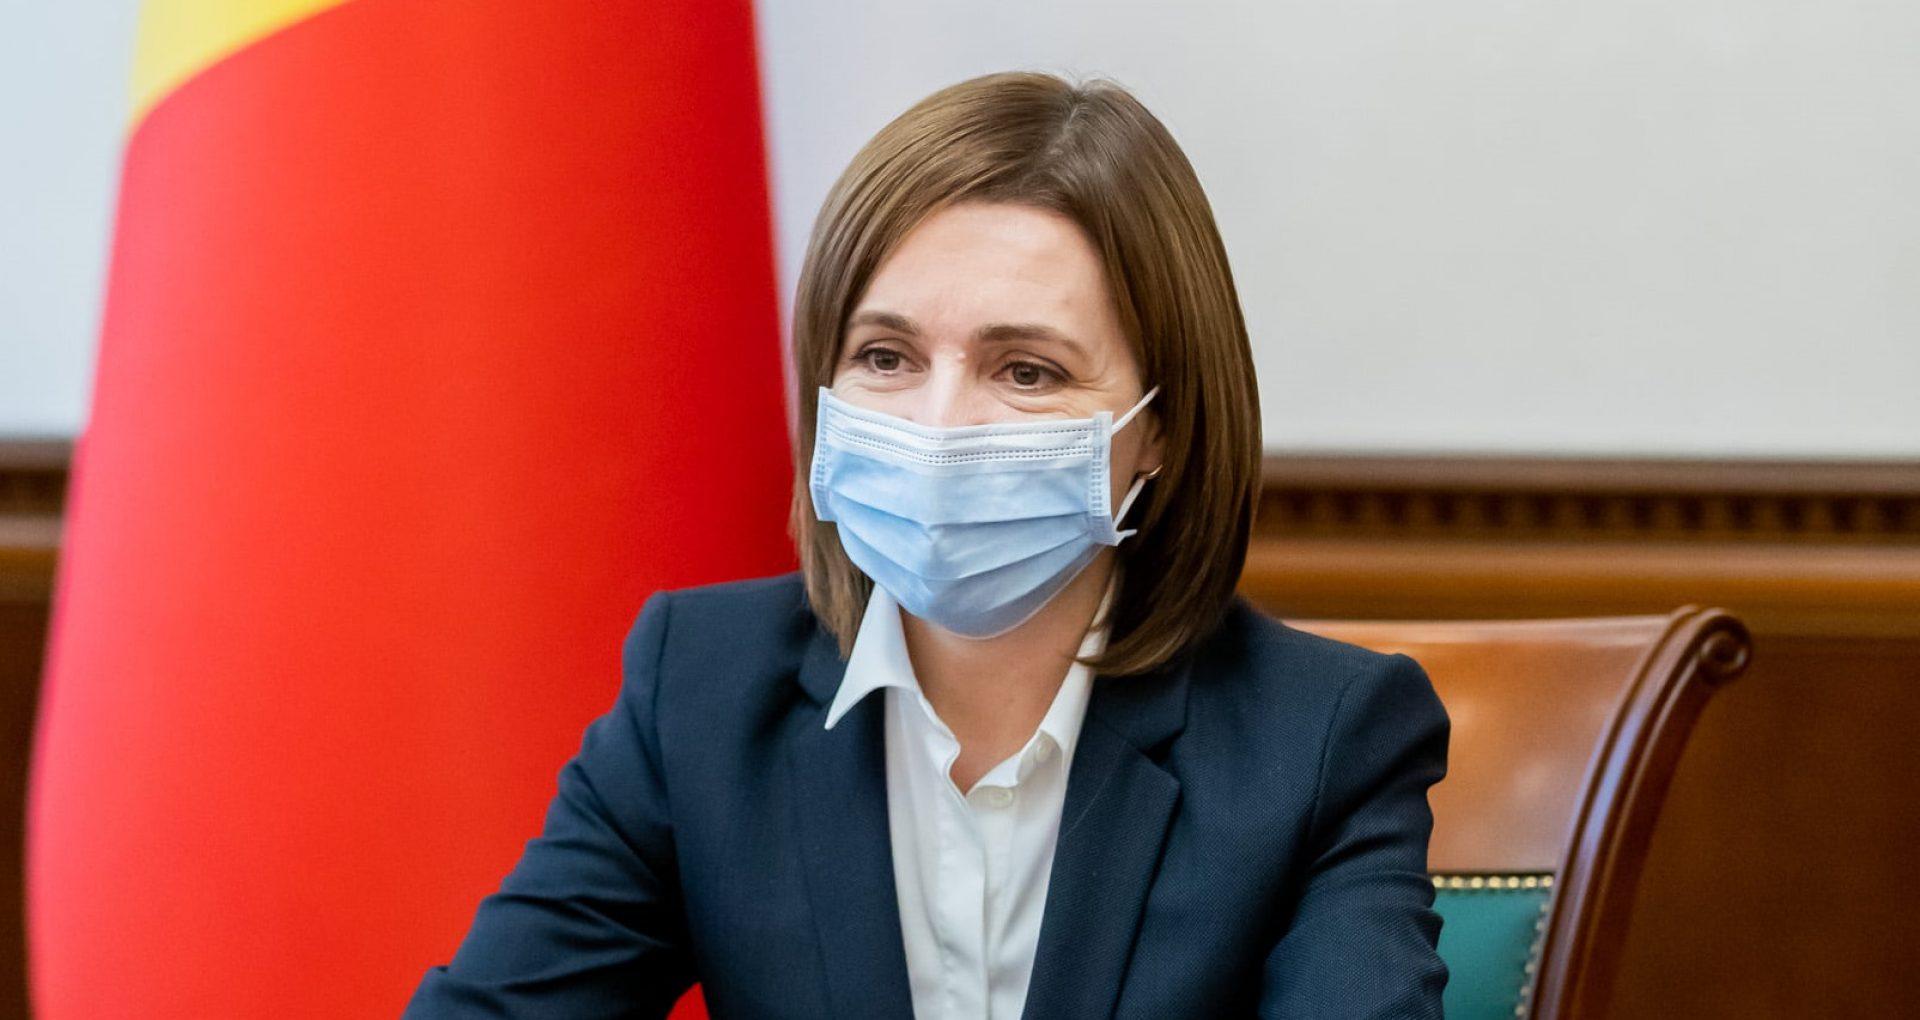 Președinta Sandu a modificat regulamentul CSS. Membrii numiți trebuie să cunoască limba română și să se bucure de o reputație ireproșabilă